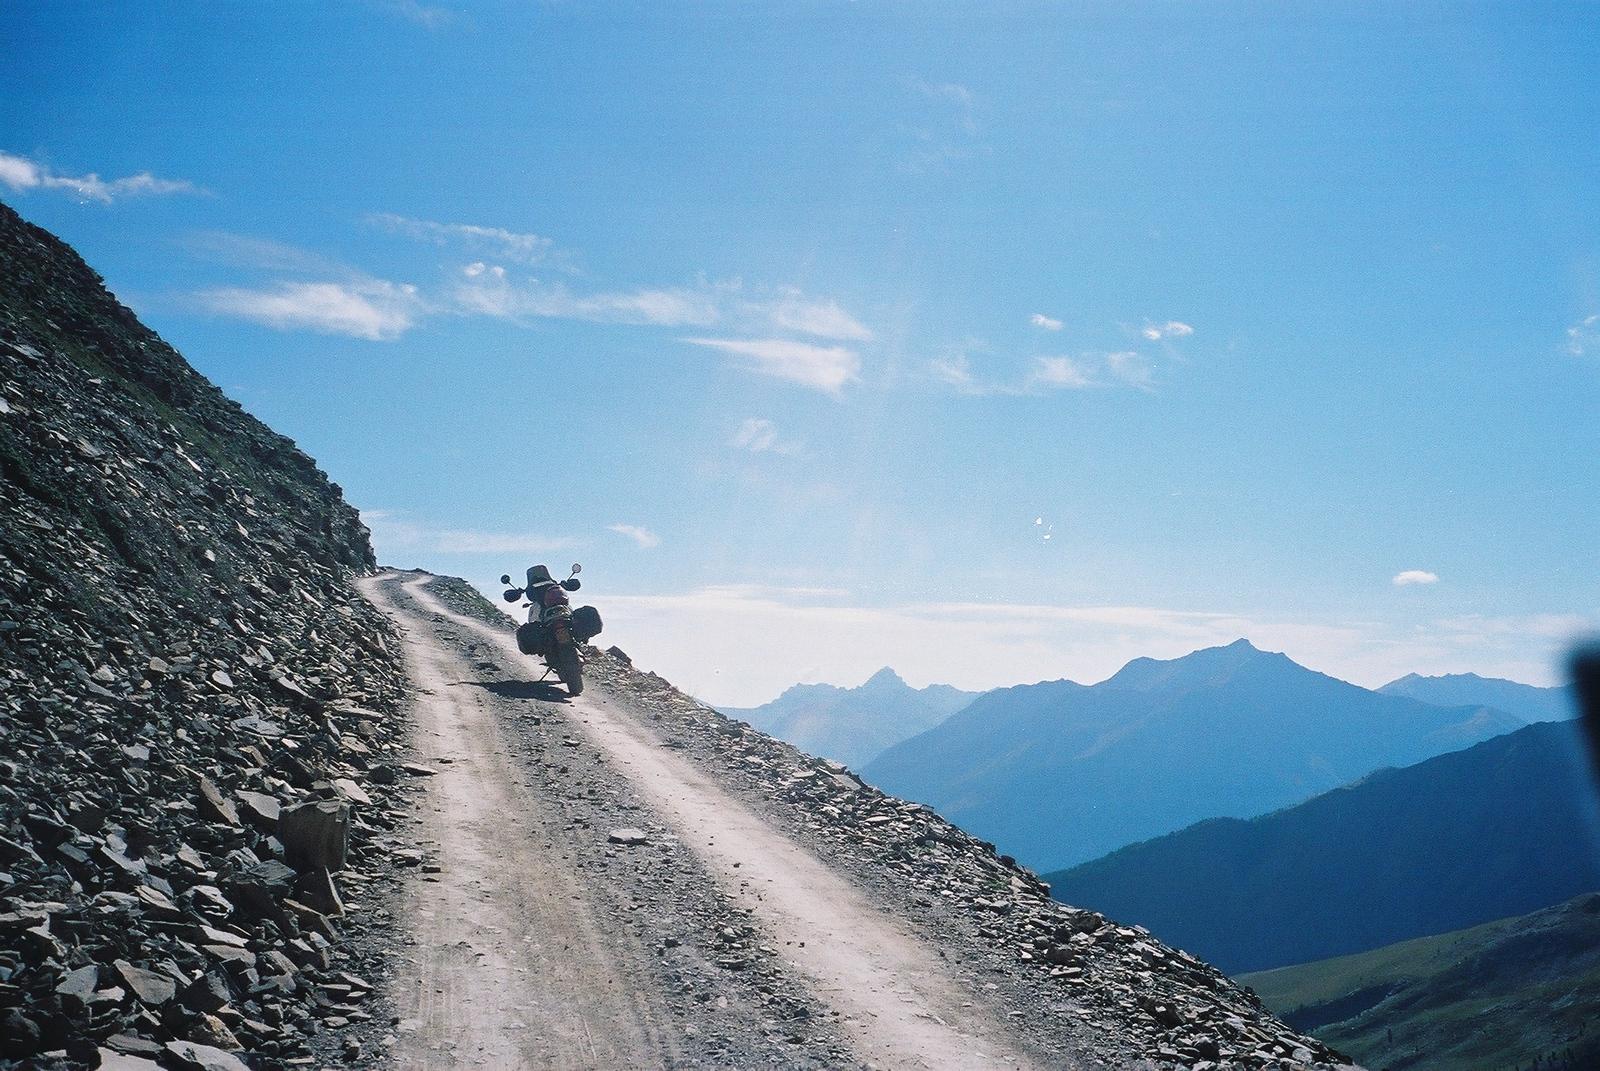 Augustus 2002 Stairway to heaven. Voor de eerste keer zou ik de top bereiken en voor de tunnel staan